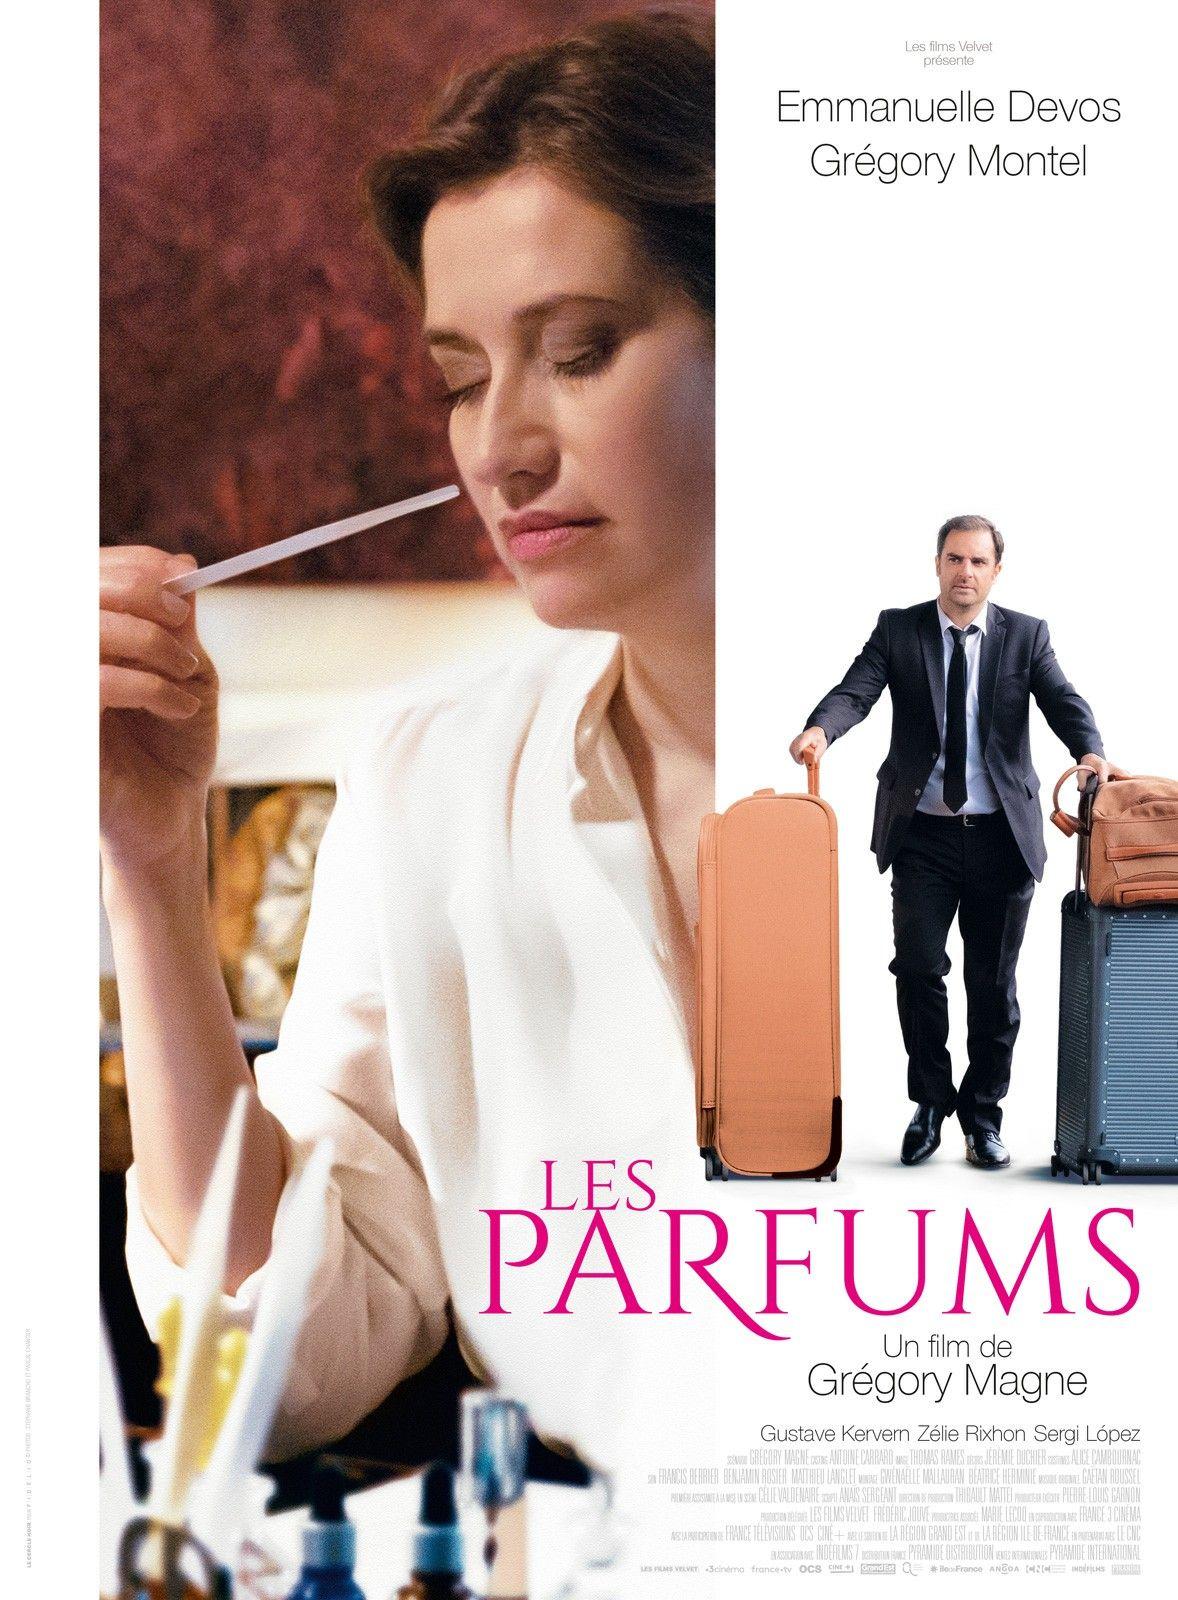 Les Parfums Emmanuelle Devos Guillaume Montel En 2020 Film Emmanuelle Devos Films Complets Gratuits